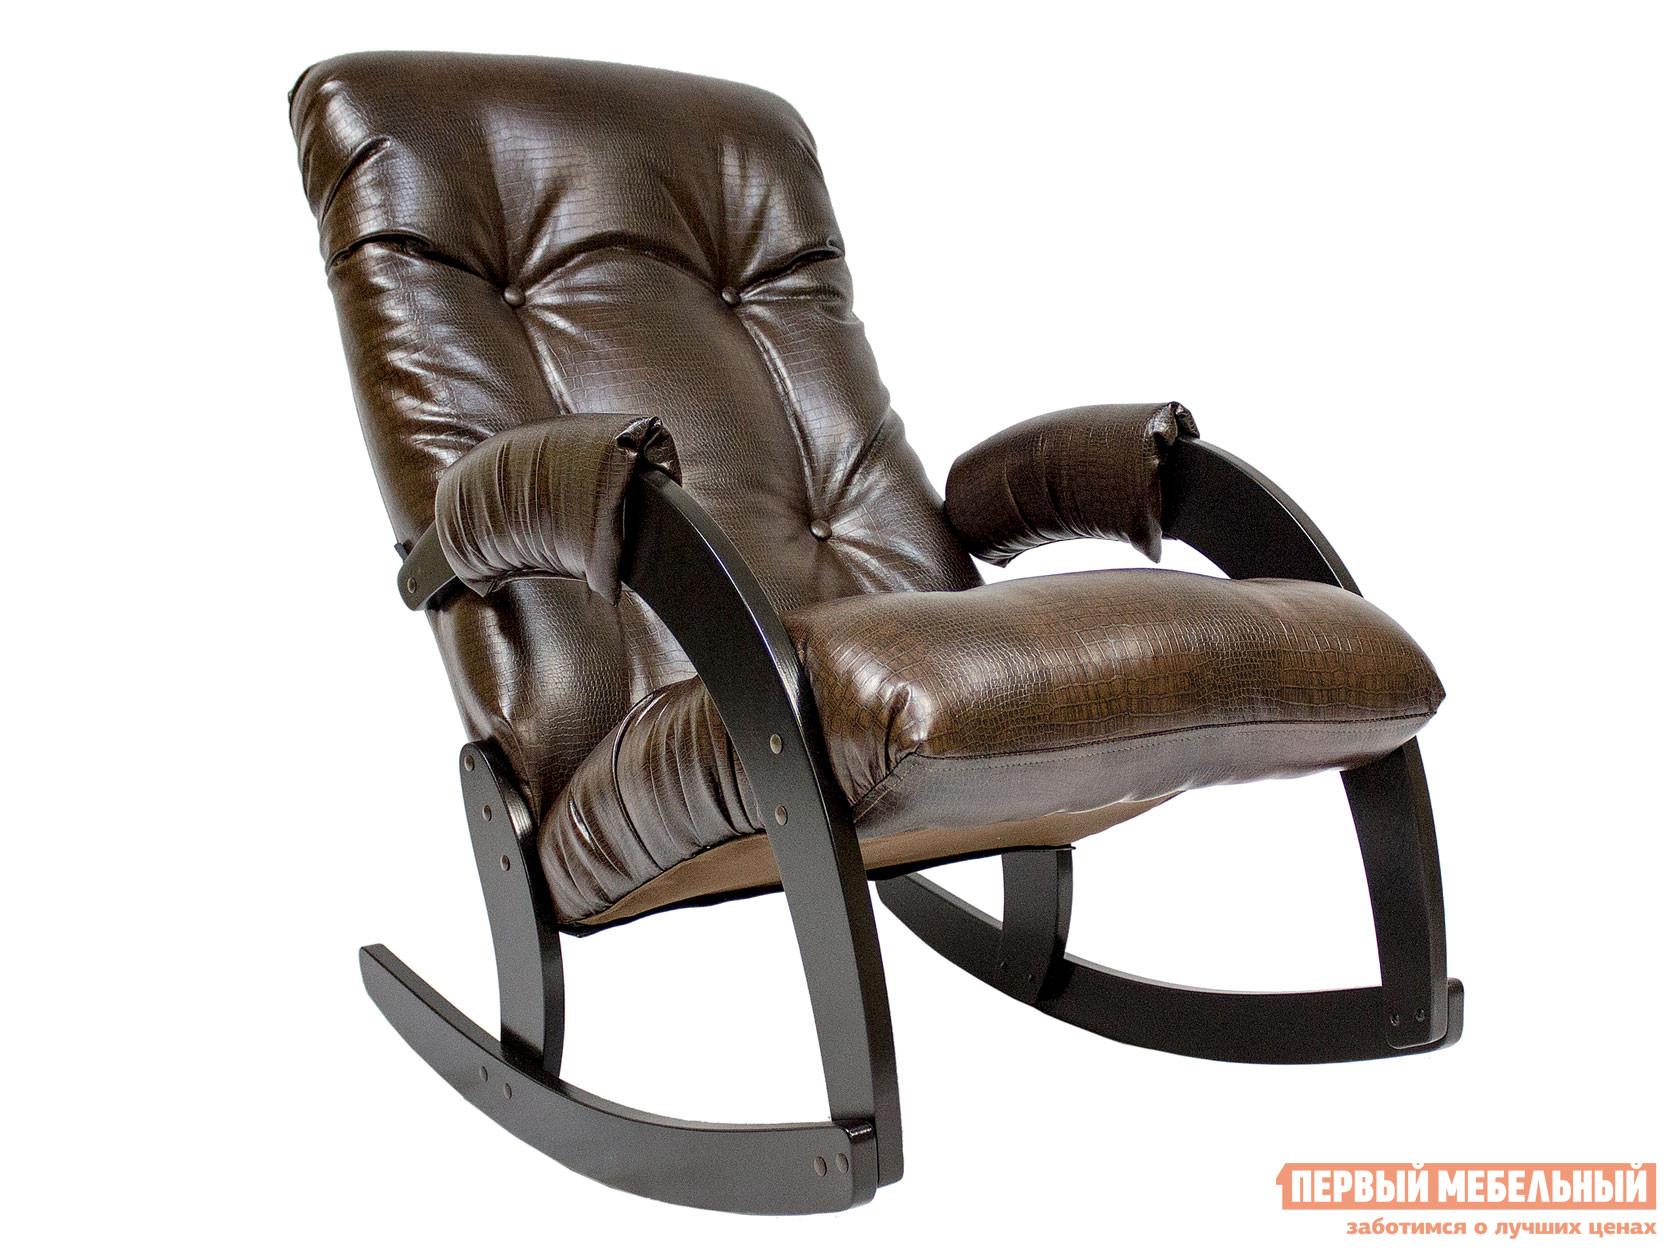 Кресло-качалка Мебель Импэкс Кресло-качалка Комфорт Модель 67 кресло качалка мебель импэкс кресло качалка складное белтех